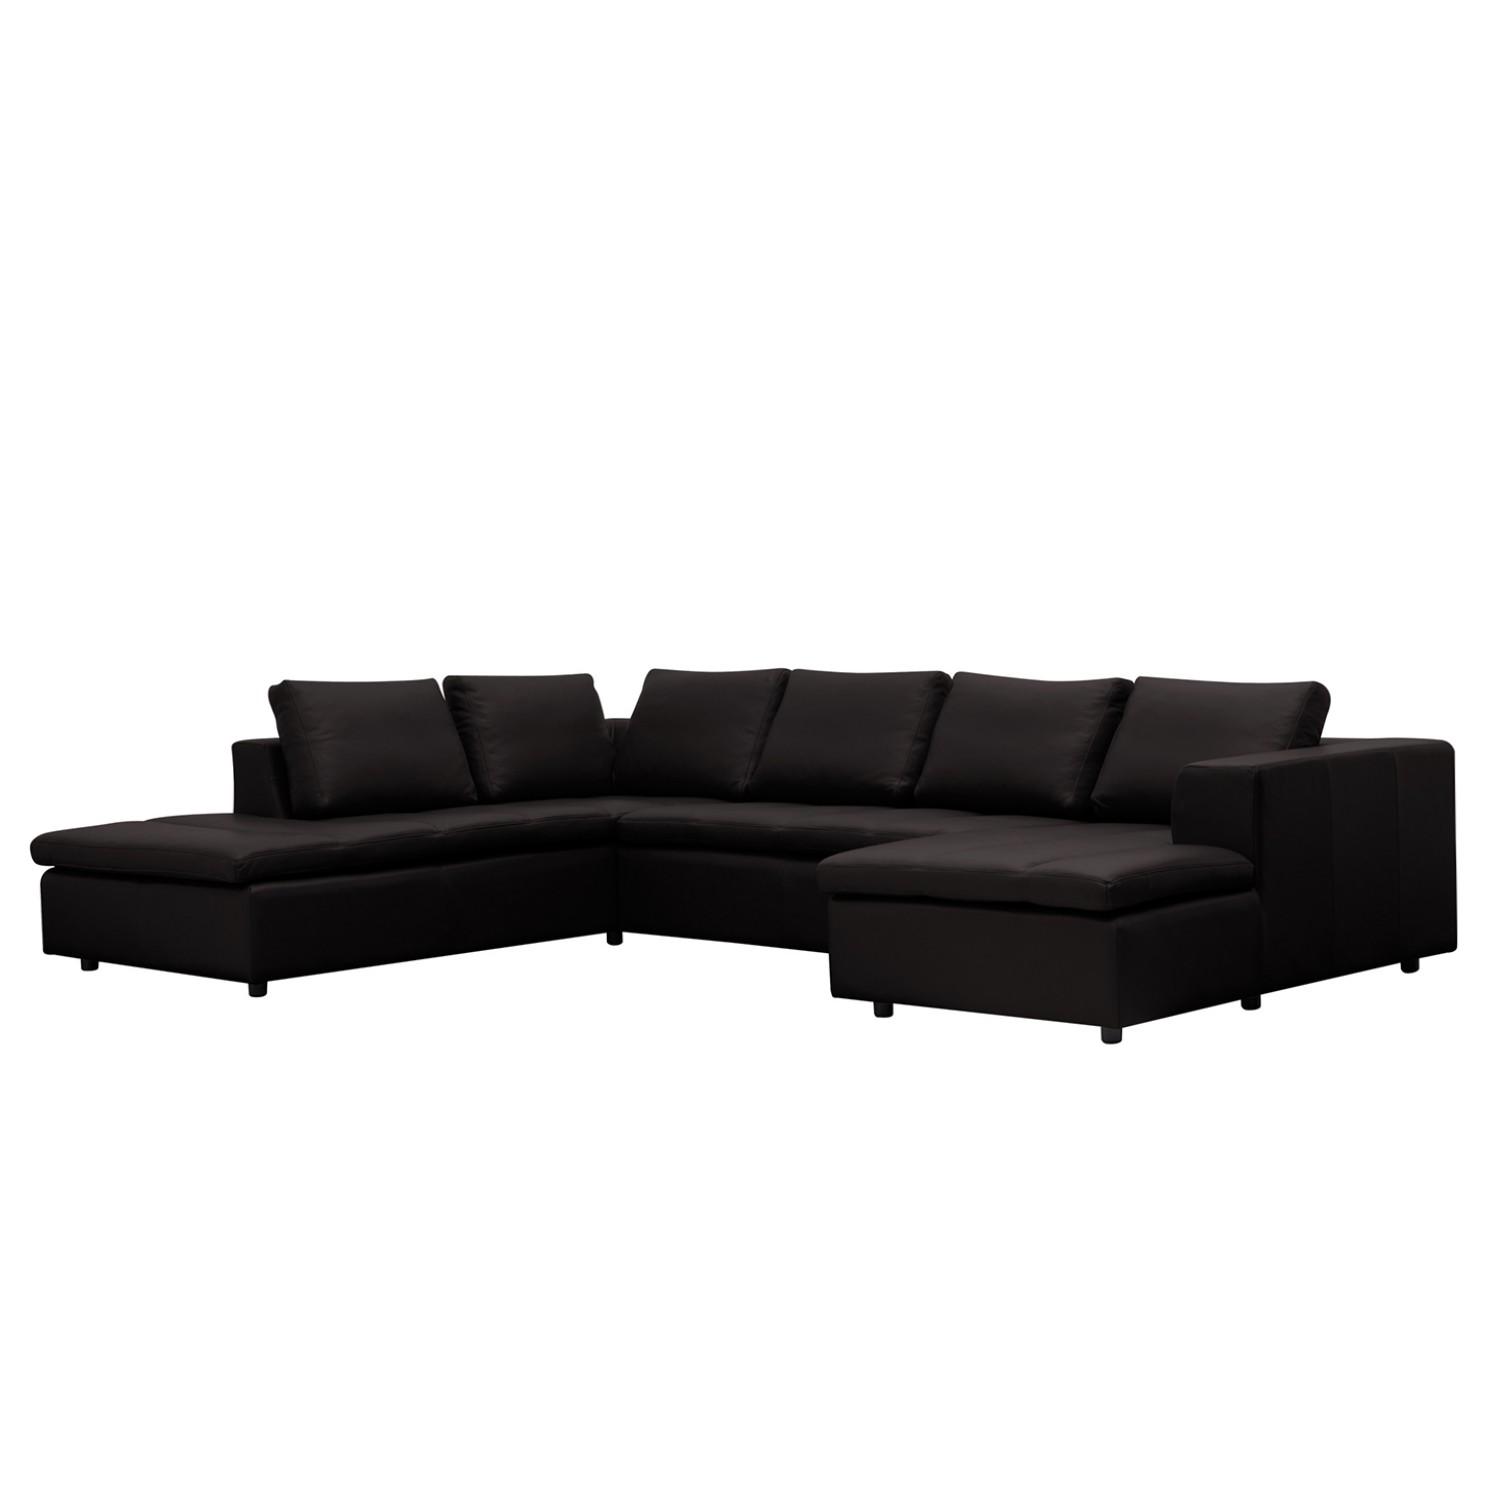 leder wohnlandschaften g nstig kaufen. Black Bedroom Furniture Sets. Home Design Ideas